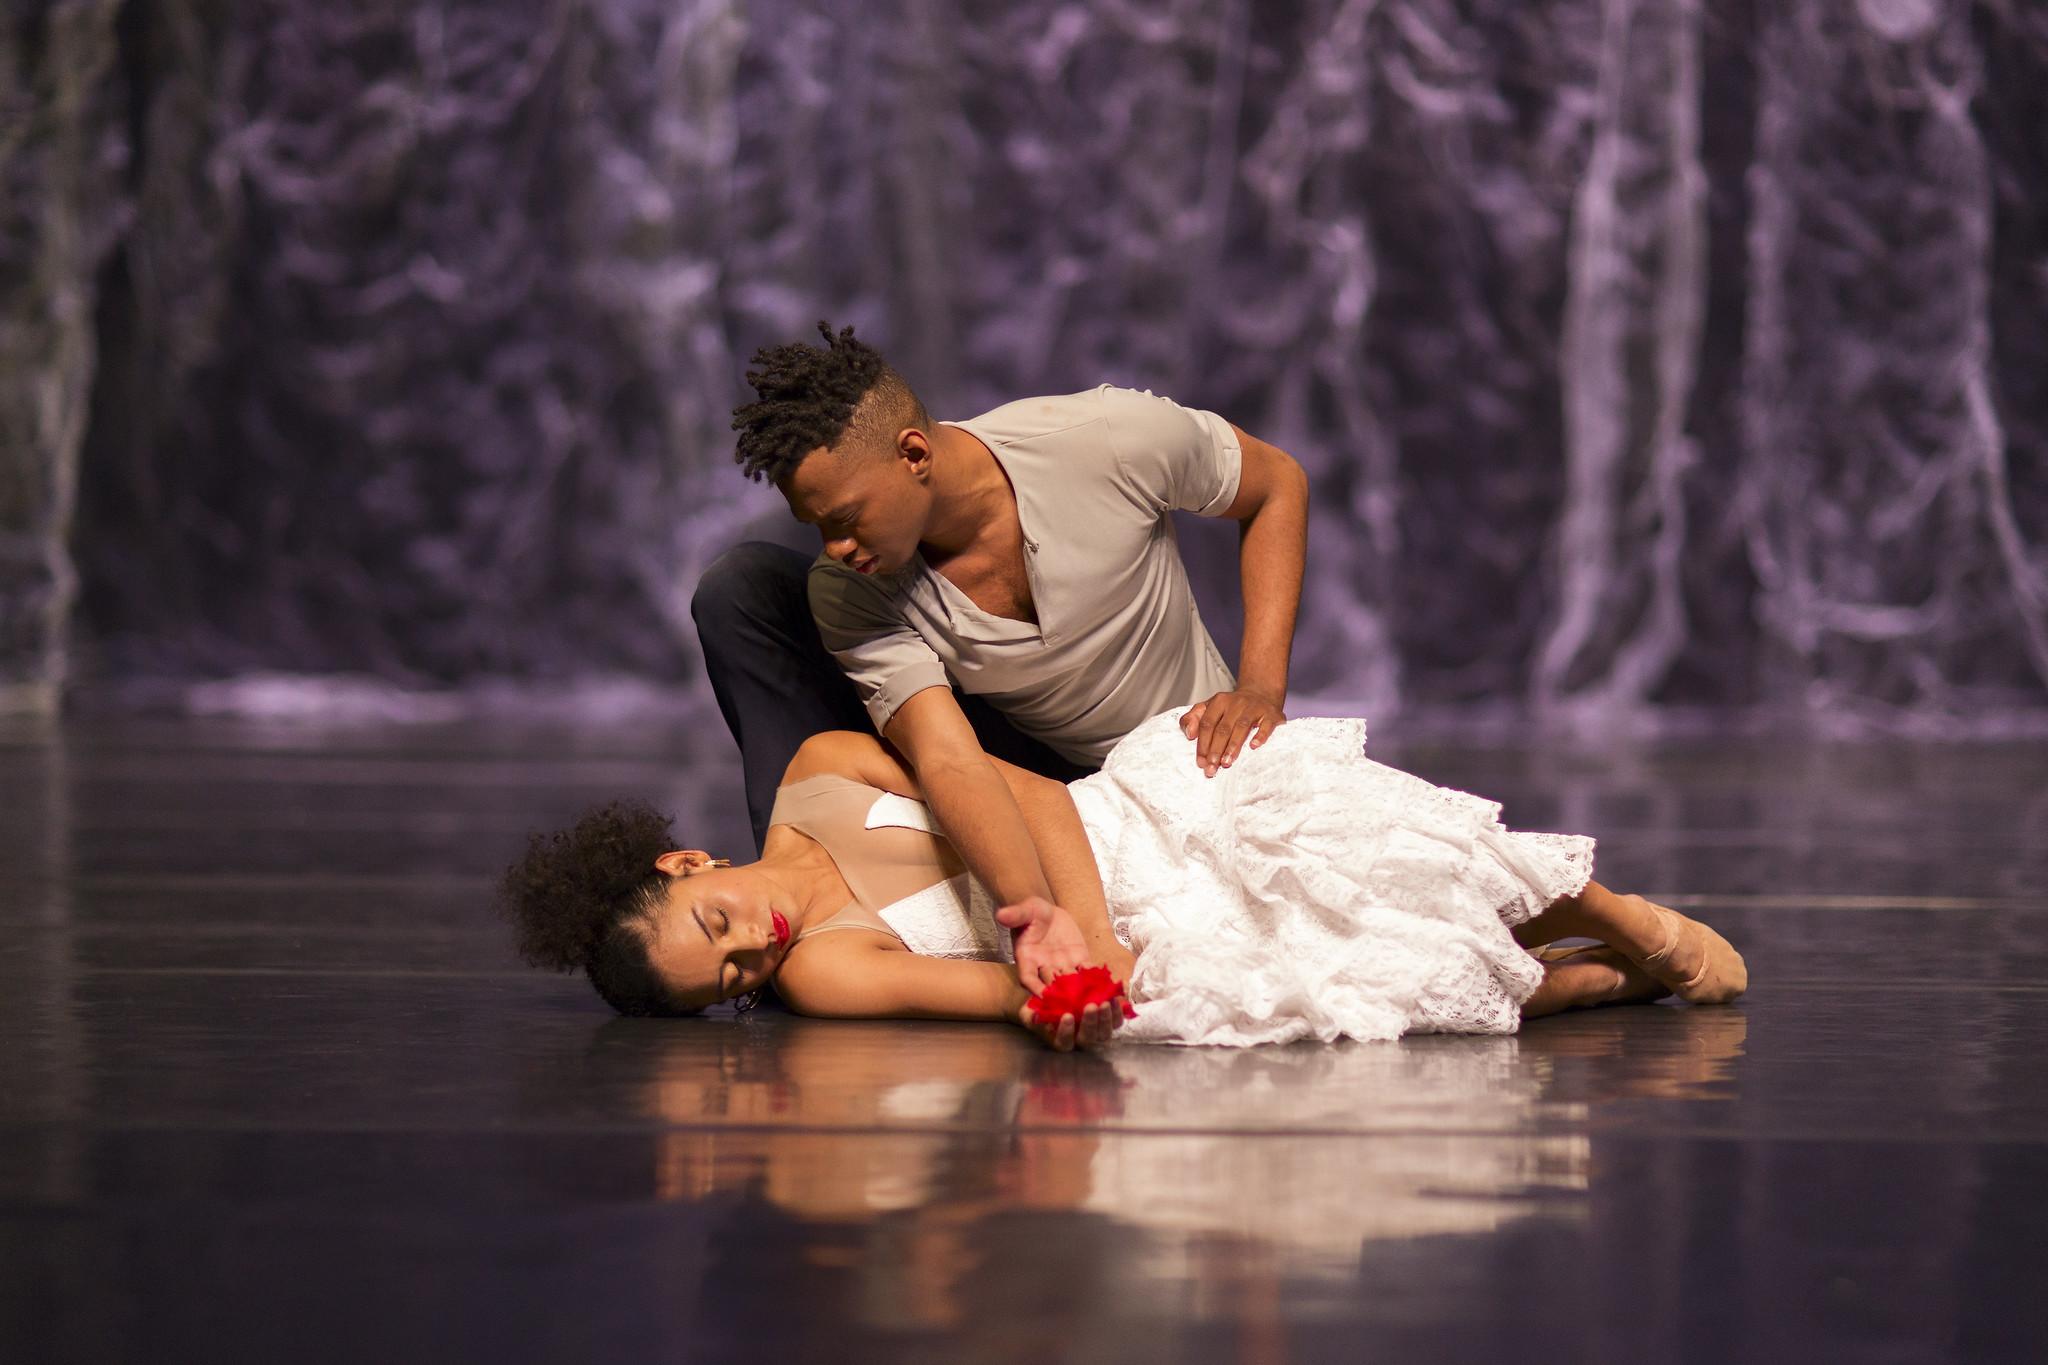 O espetáculo Carmen, faz parte das comemorações dos 50 anos do Balé Teatro Guaíra. Foto: Maringas Maciel / Divulgação